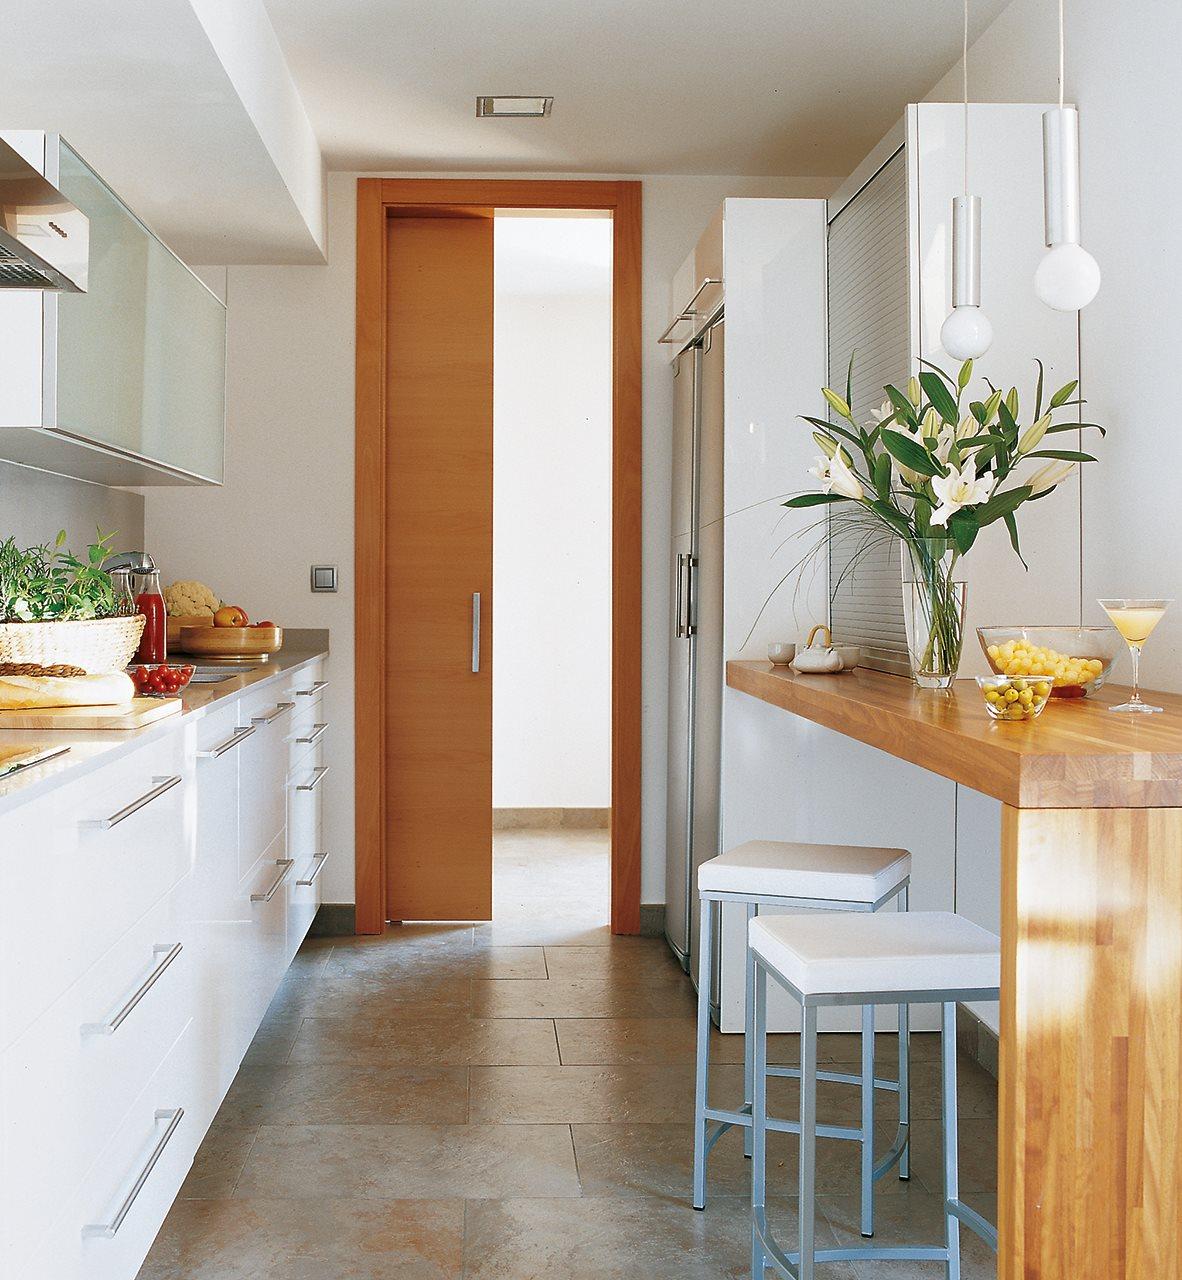 Los 9 mejores dise os de cocinas office for Imagenes de cocinas bonitas